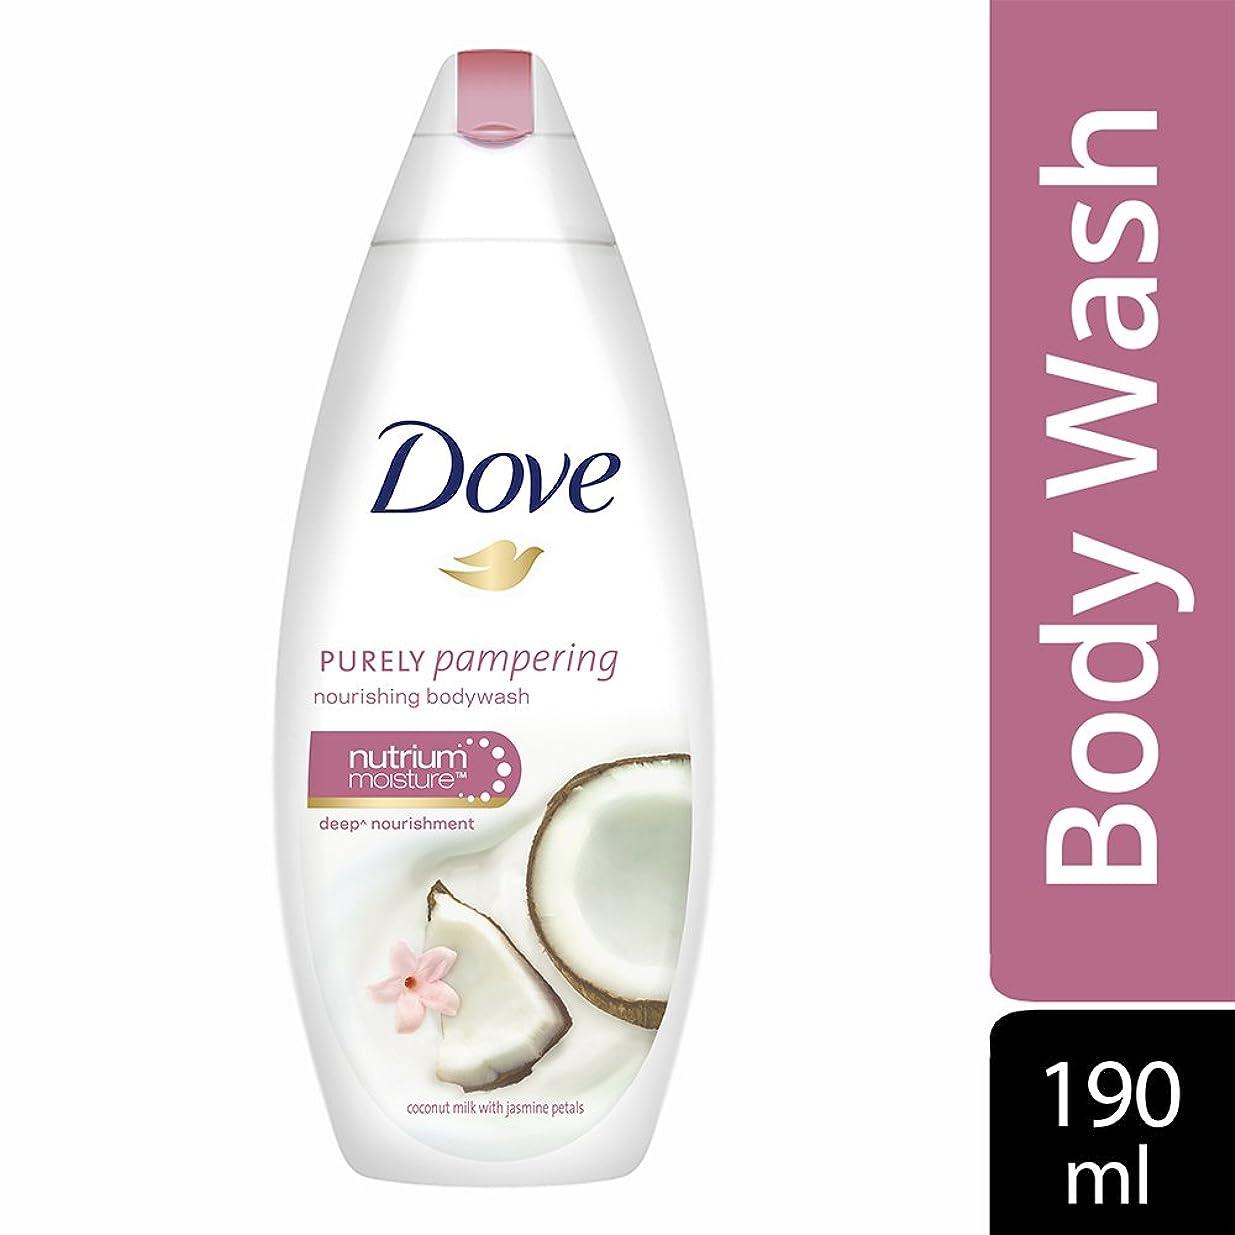 既に申し立てられたロードブロッキングDove Purely Pampering Coconut Milk and Jas Petals Body Wash, 190ml